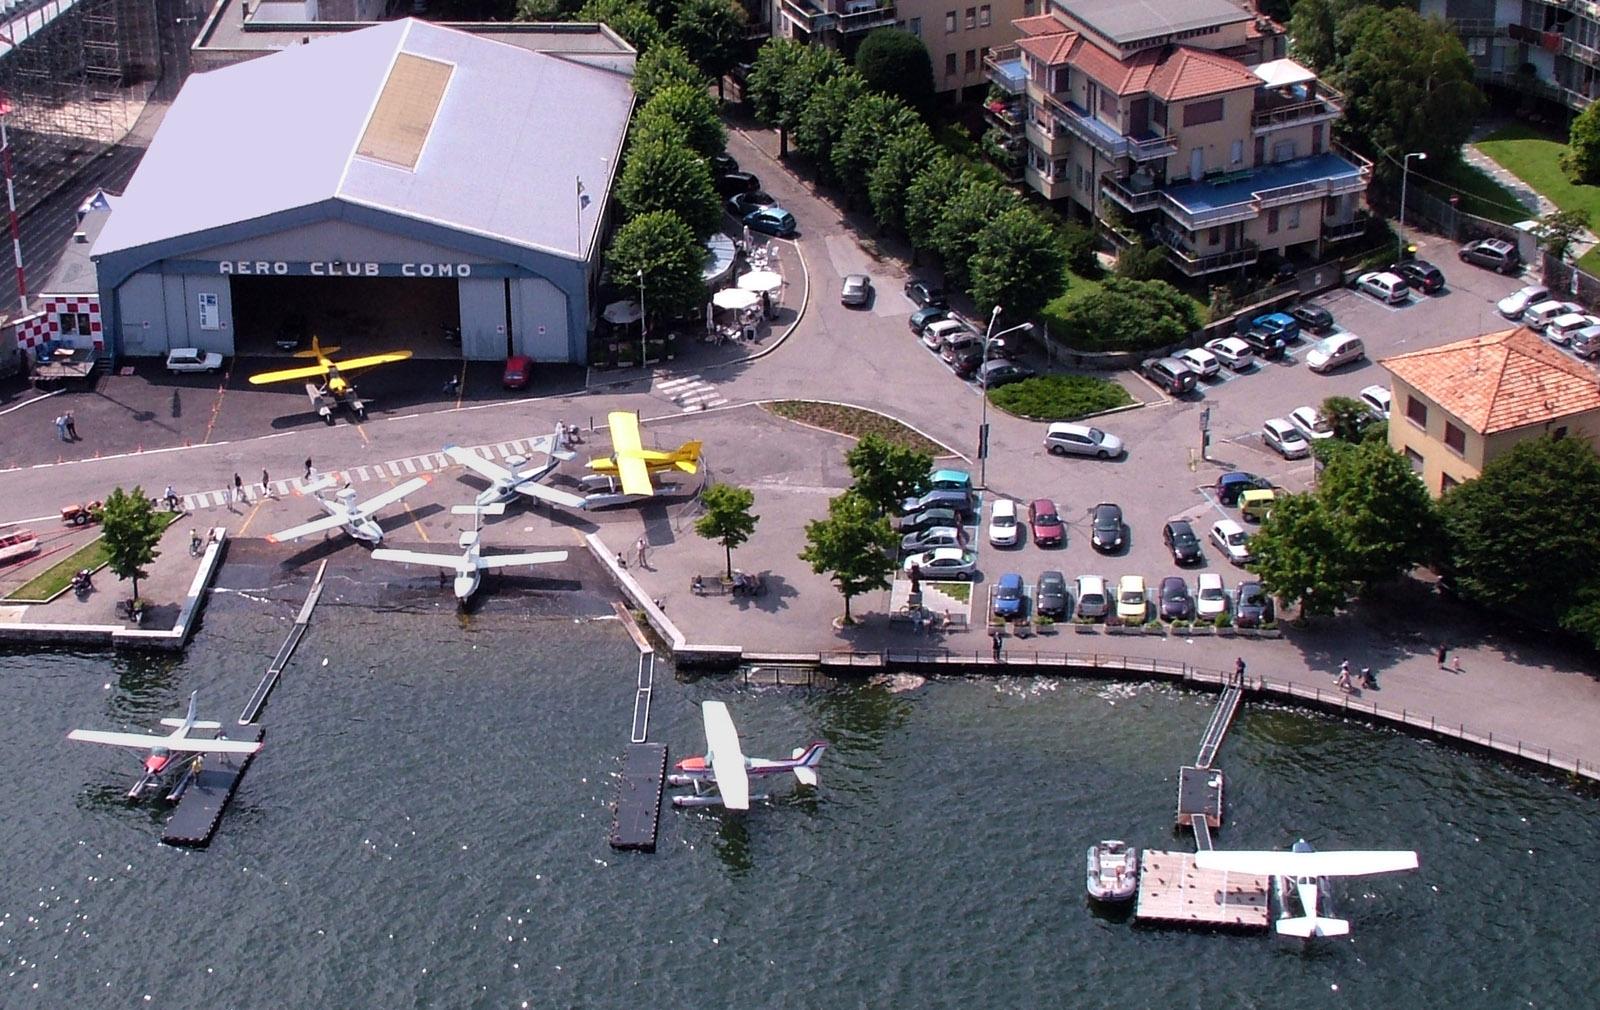 Aero Club Como Hangar on Lake Como